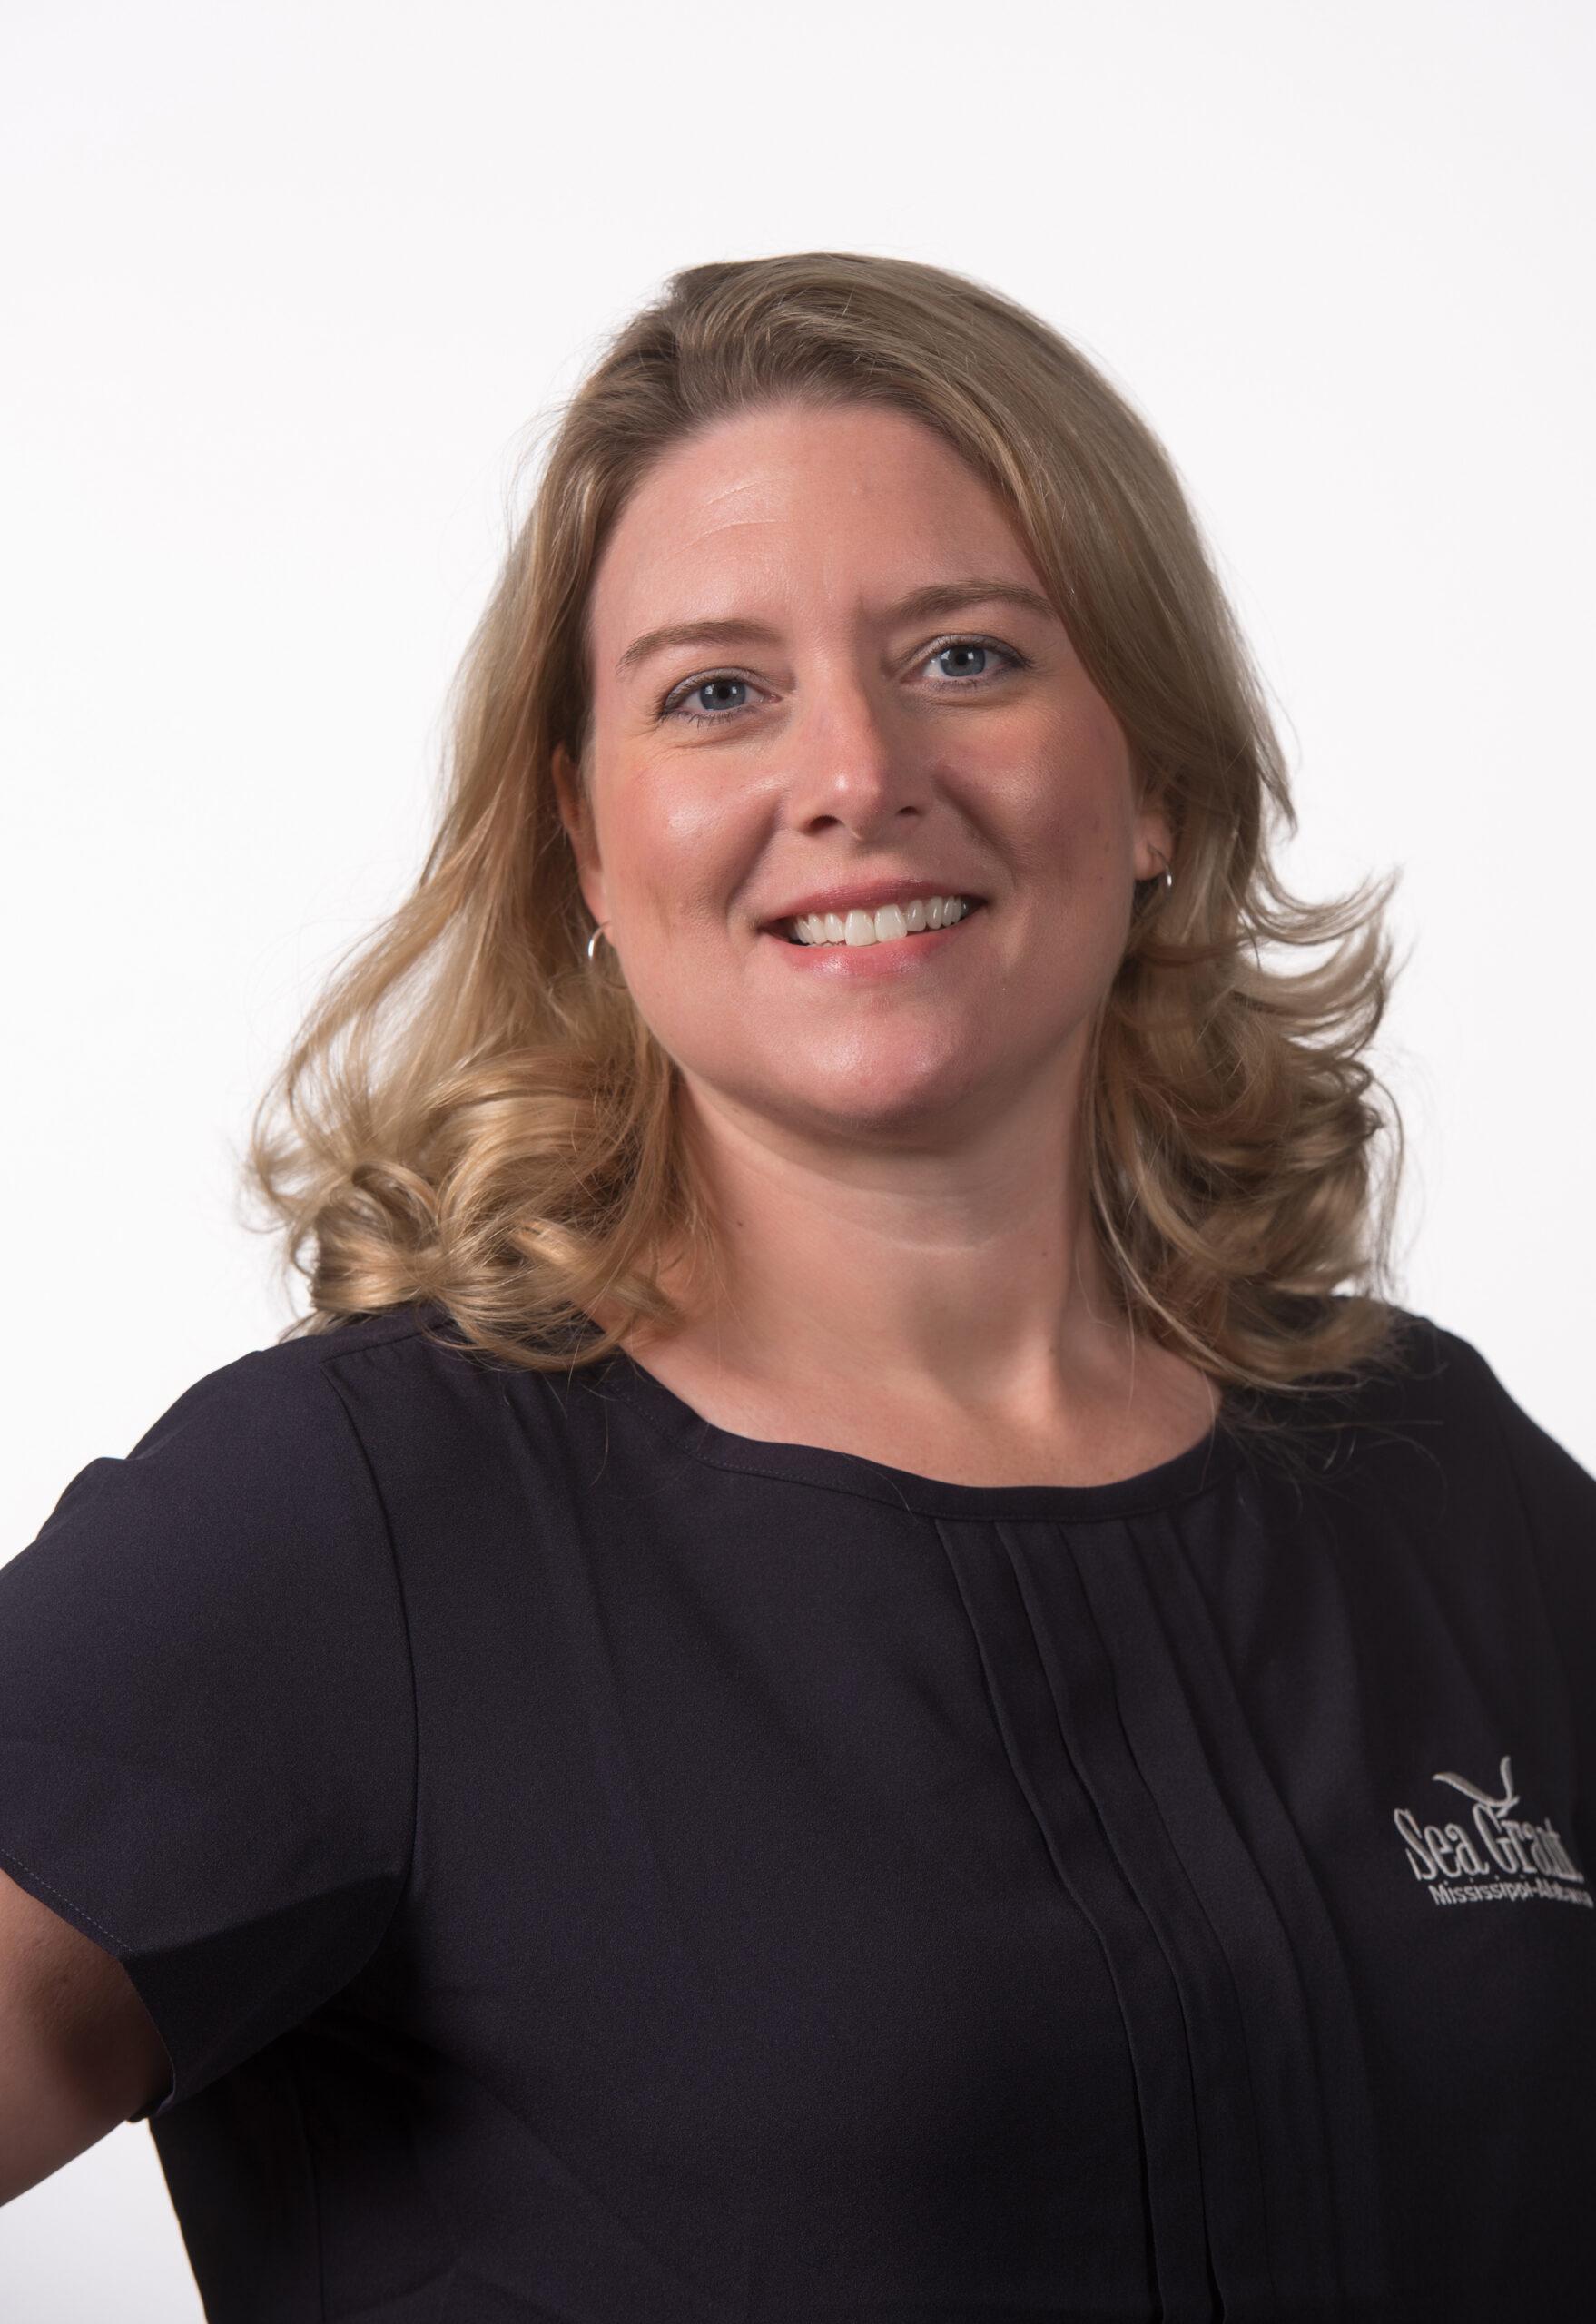 Profile image of Tracie Sempier